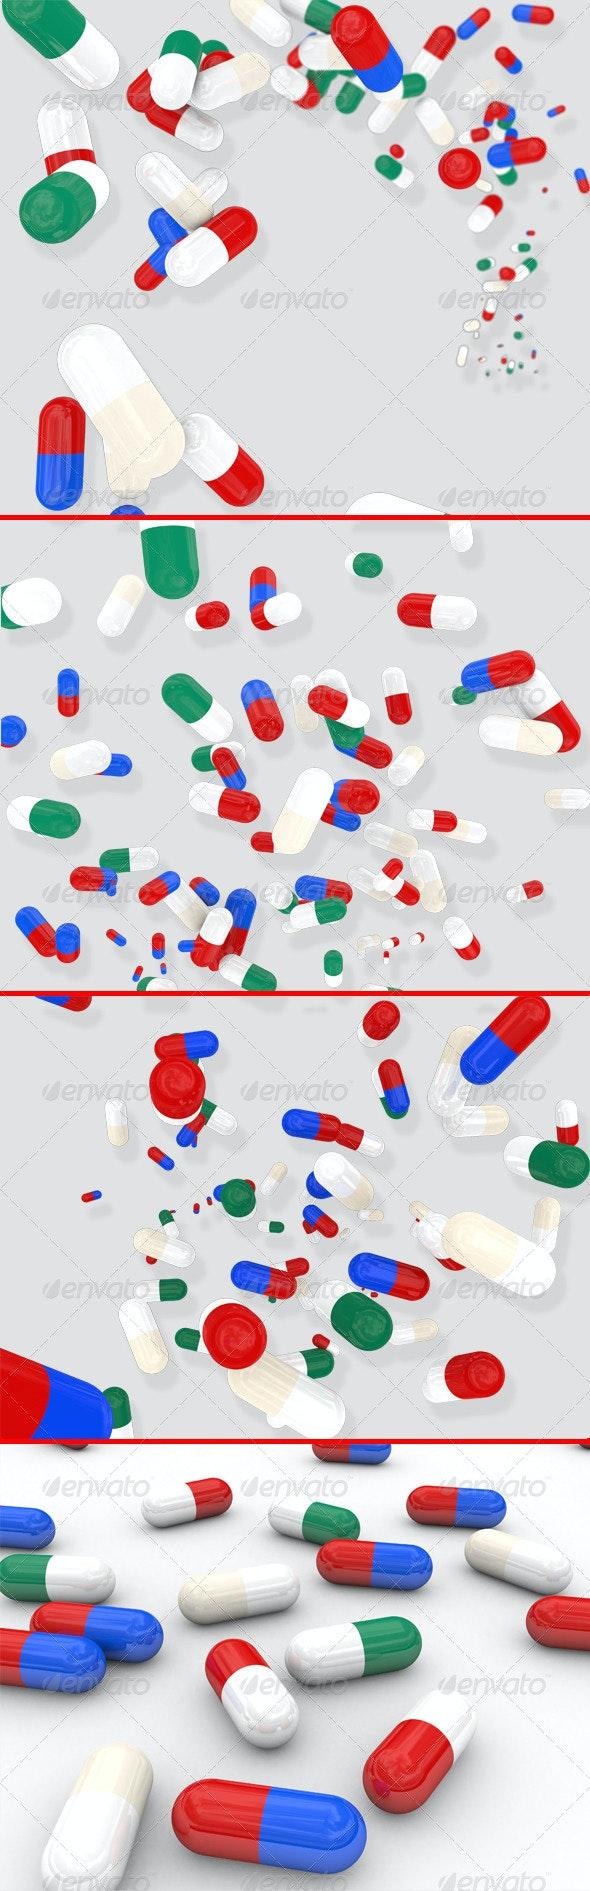 Medicine Pills - 3D Renders Graphics